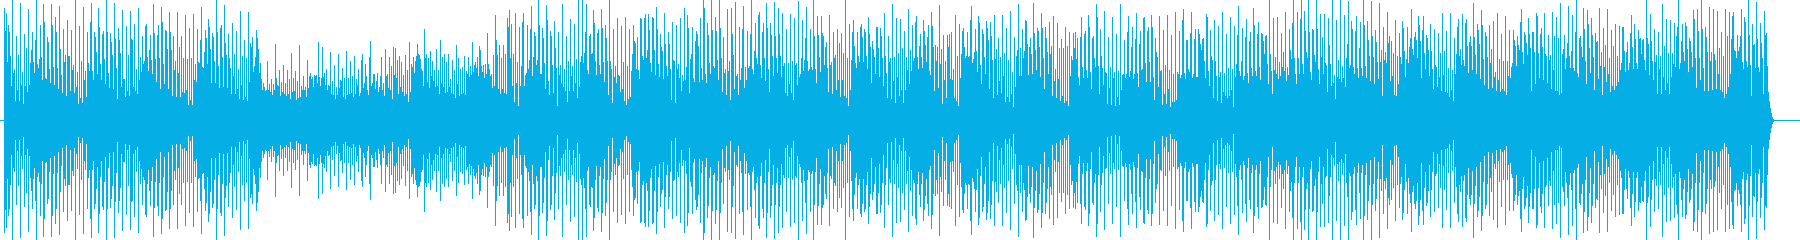 格闘技系ゲームテクノ風サウンドの再生済みの波形